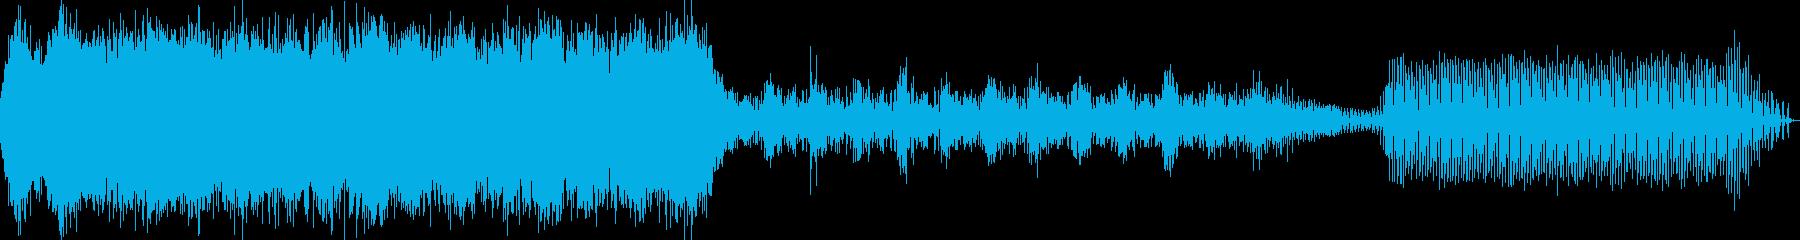 早朝の森の中のアンビント・エレクトロニカの再生済みの波形